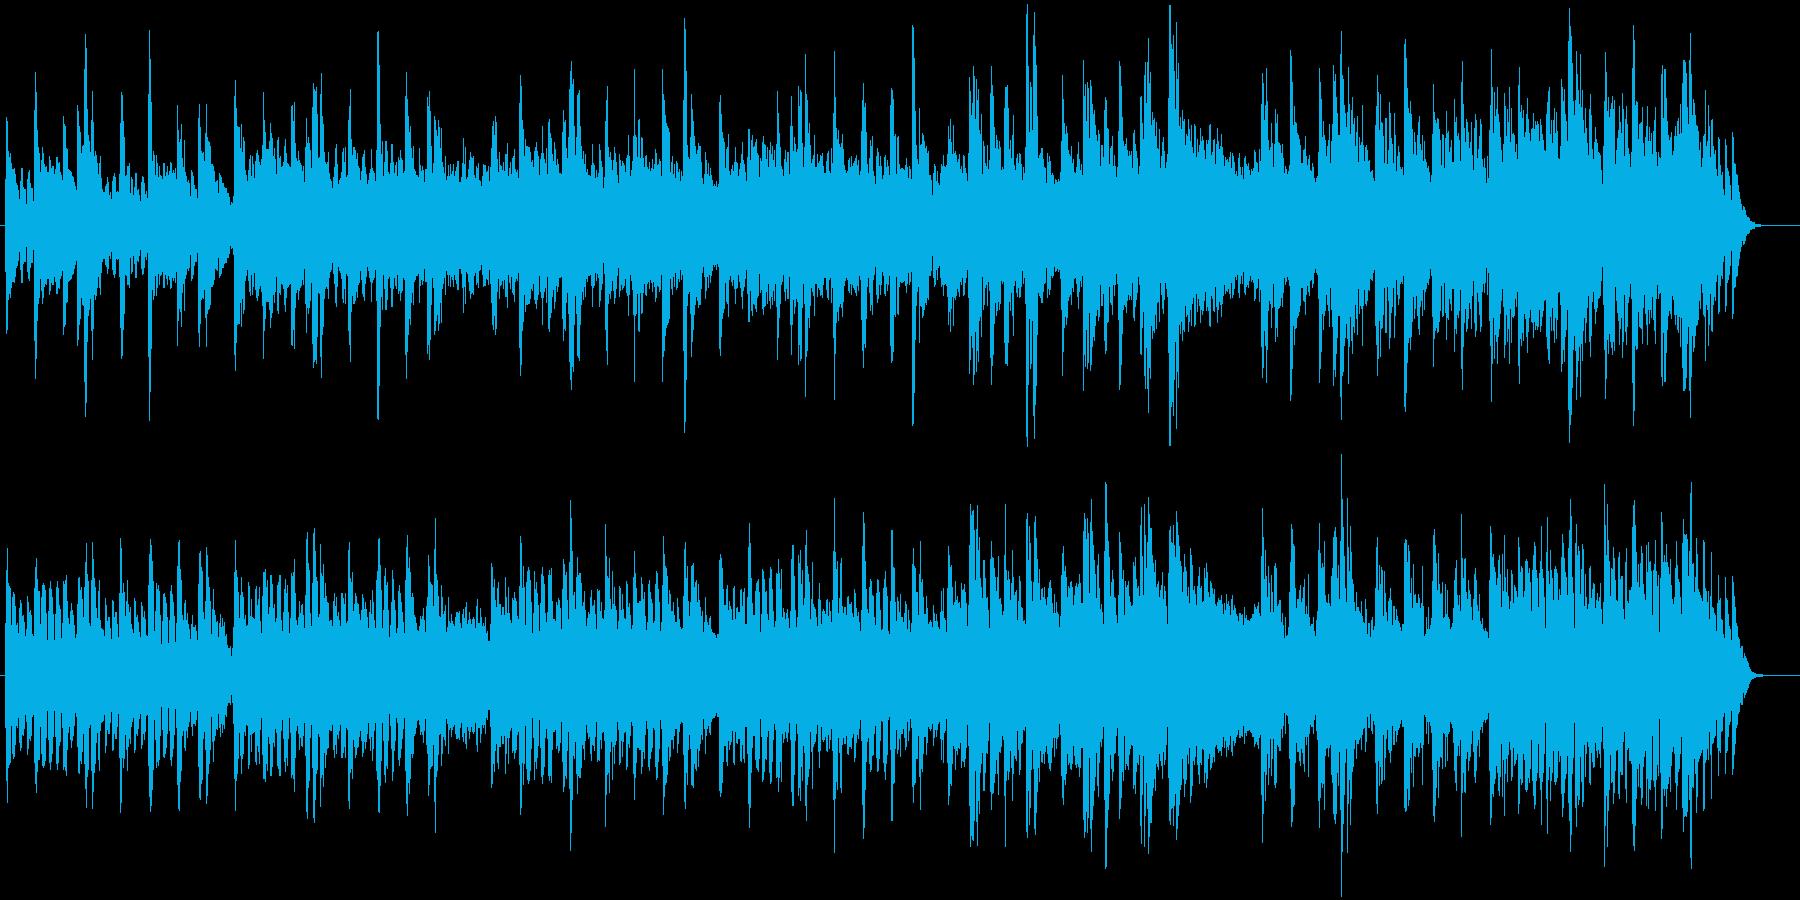 メロディーありインストバラードの再生済みの波形